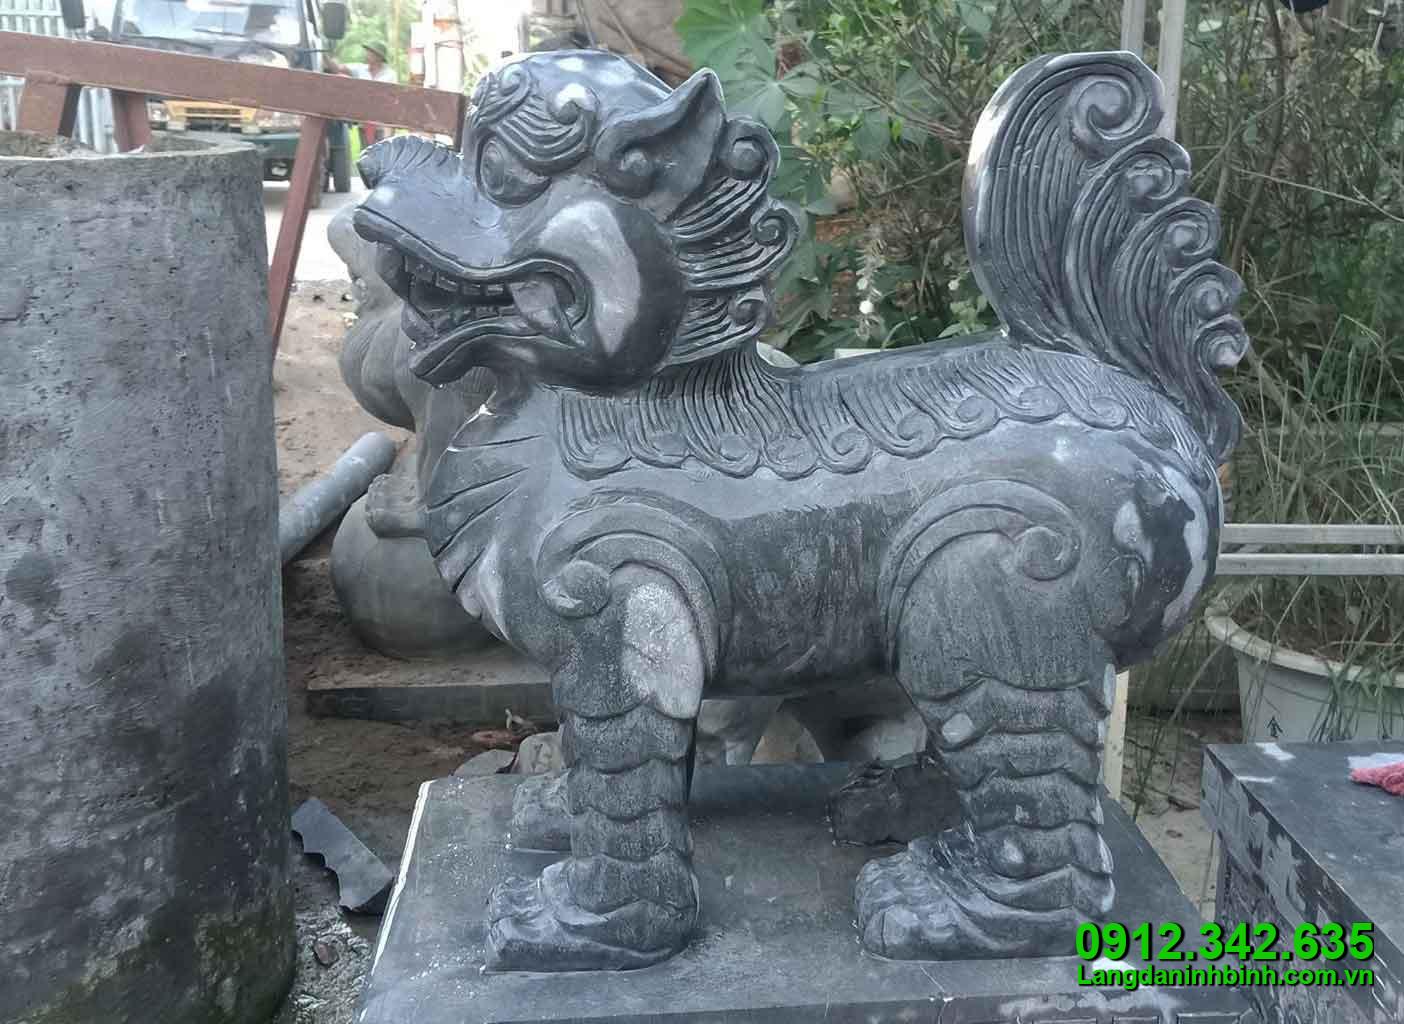 Con nghê bằng đá - Công đức vào chùa, đình, đền, nhà thờ họ